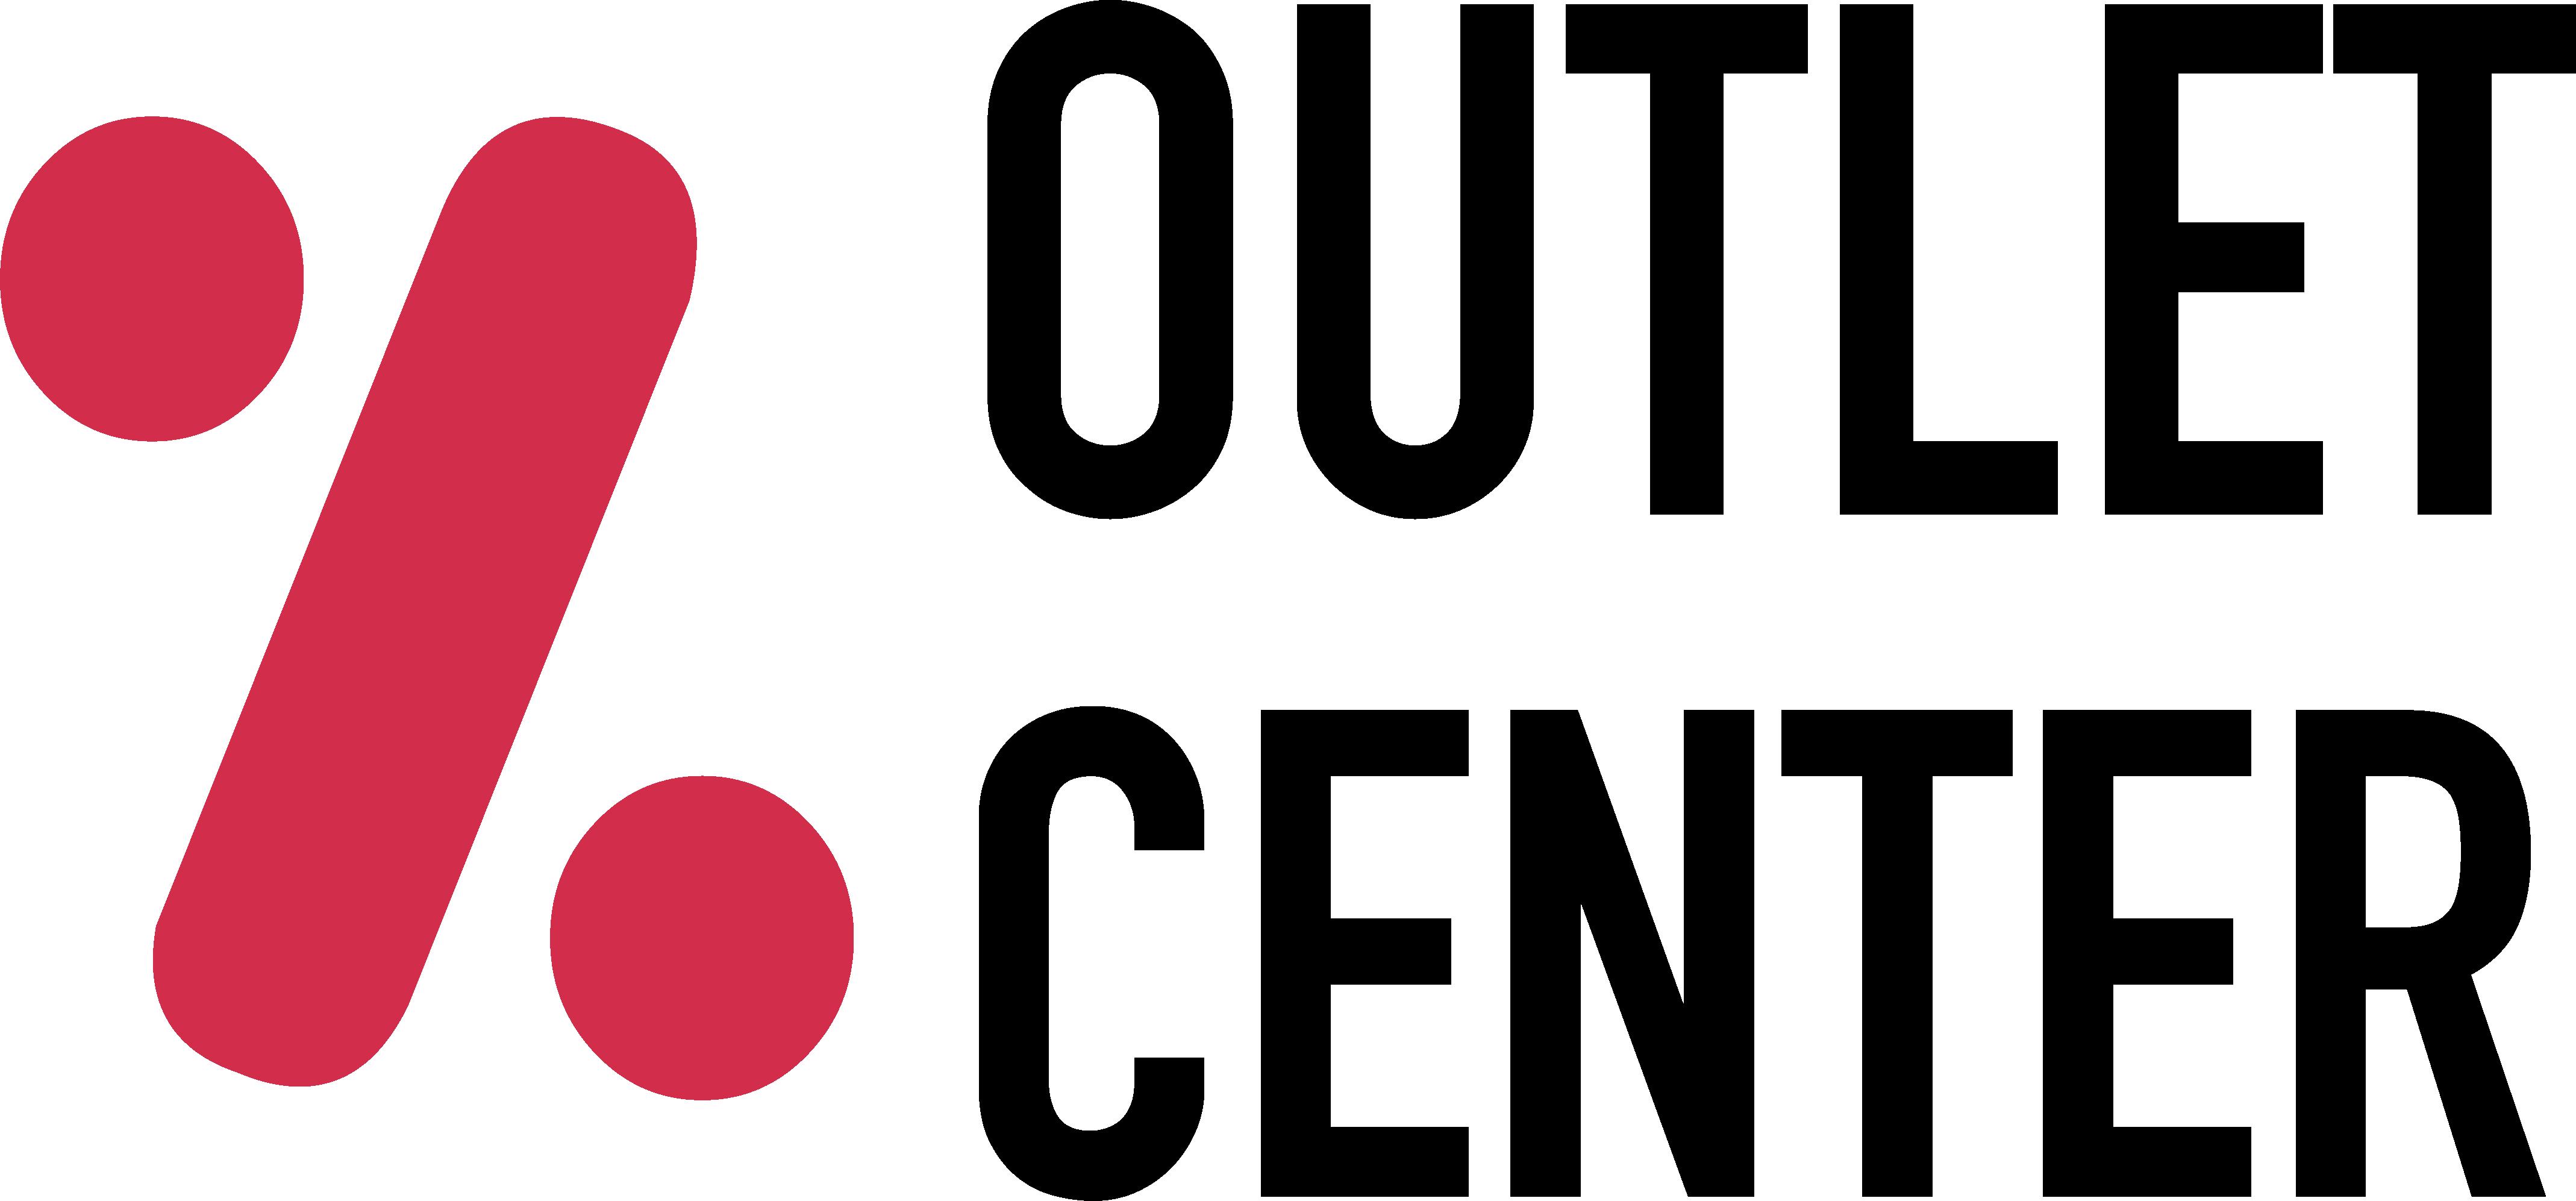 Outletcenter logo